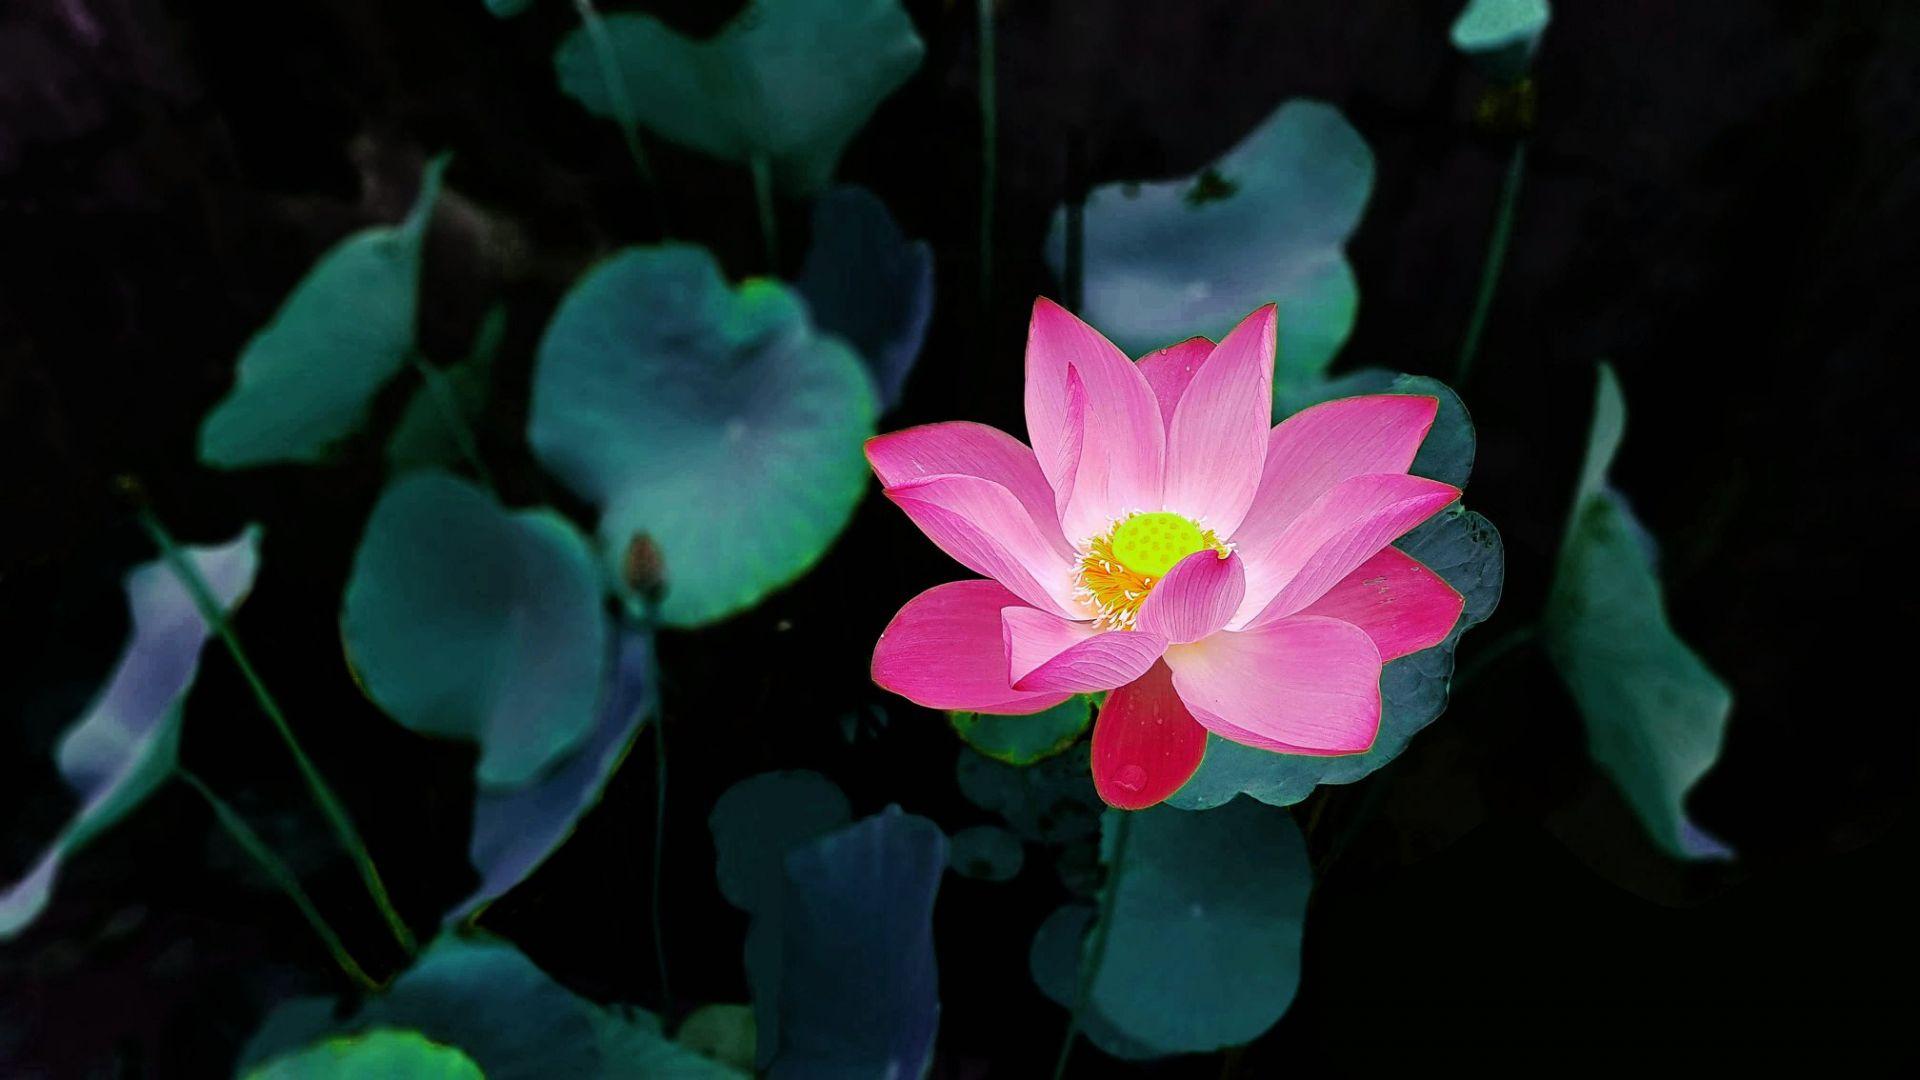 Hoa sen màu đỏ tượng trưng cho trái tim, hoa thể hiện tình yêu và lòng từ bi